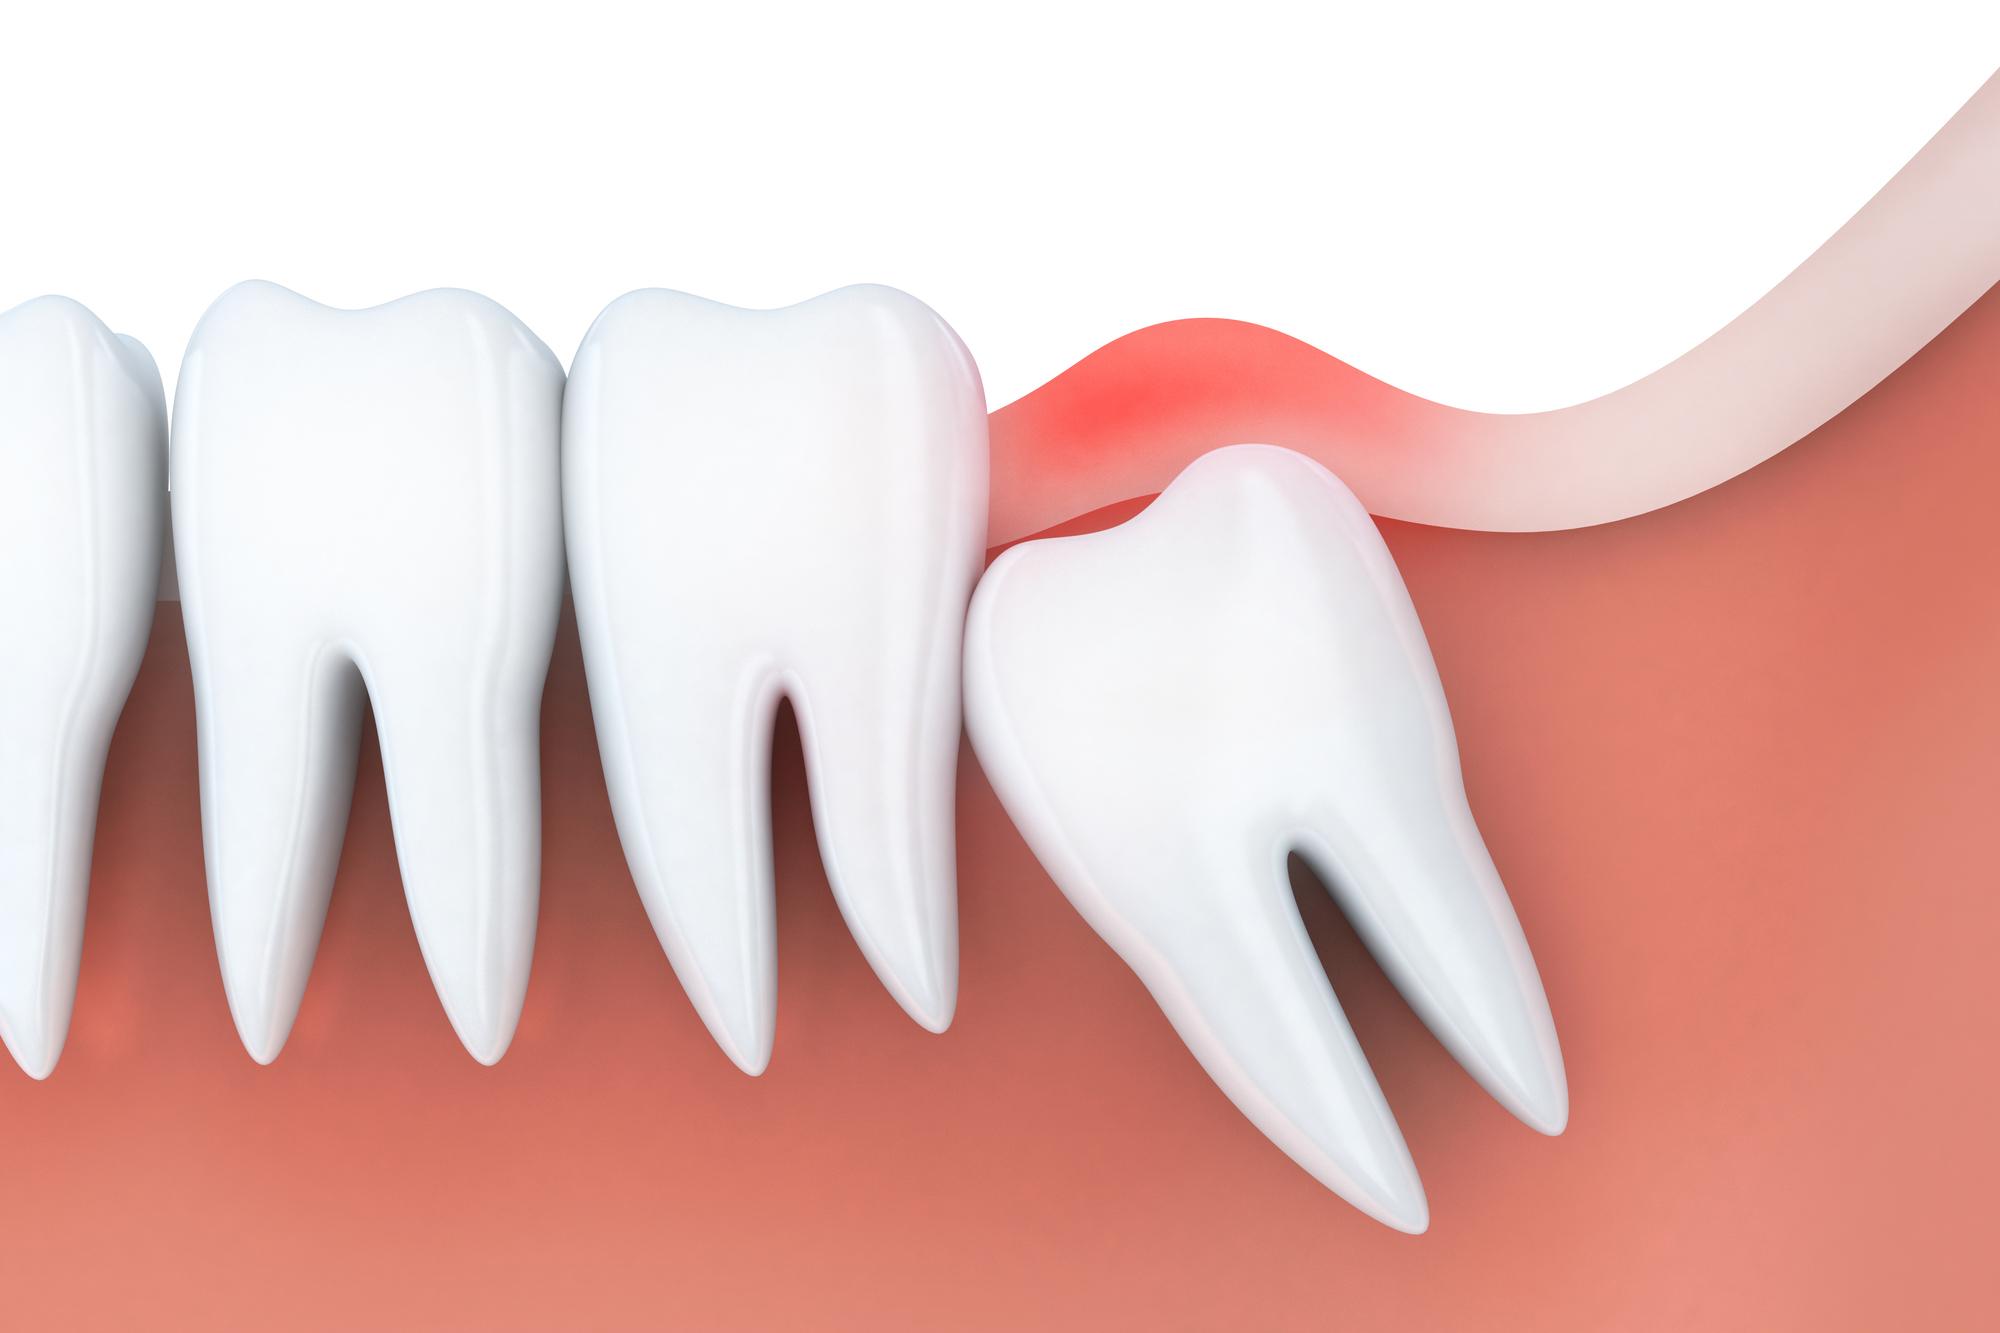 豊中のながよしデンタルクリニックでは、難症例の親知らずの抜歯が行えます